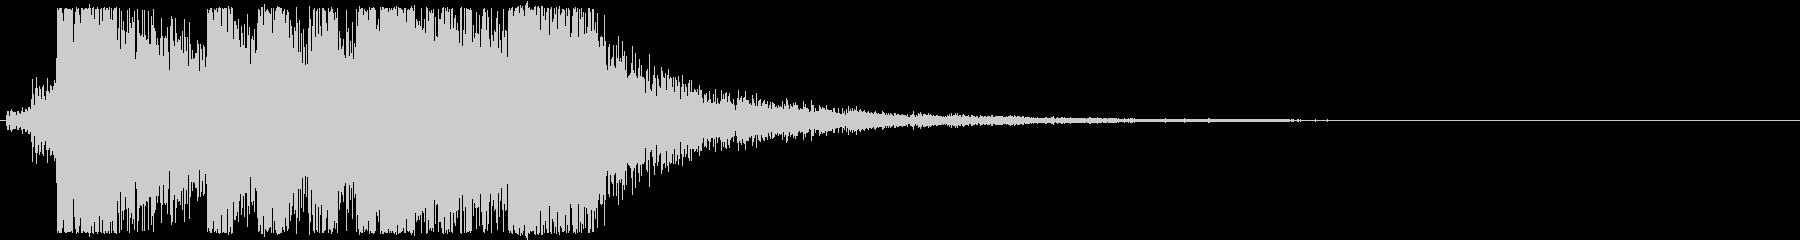 フルオーケストラのド派手なファンファーレの未再生の波形